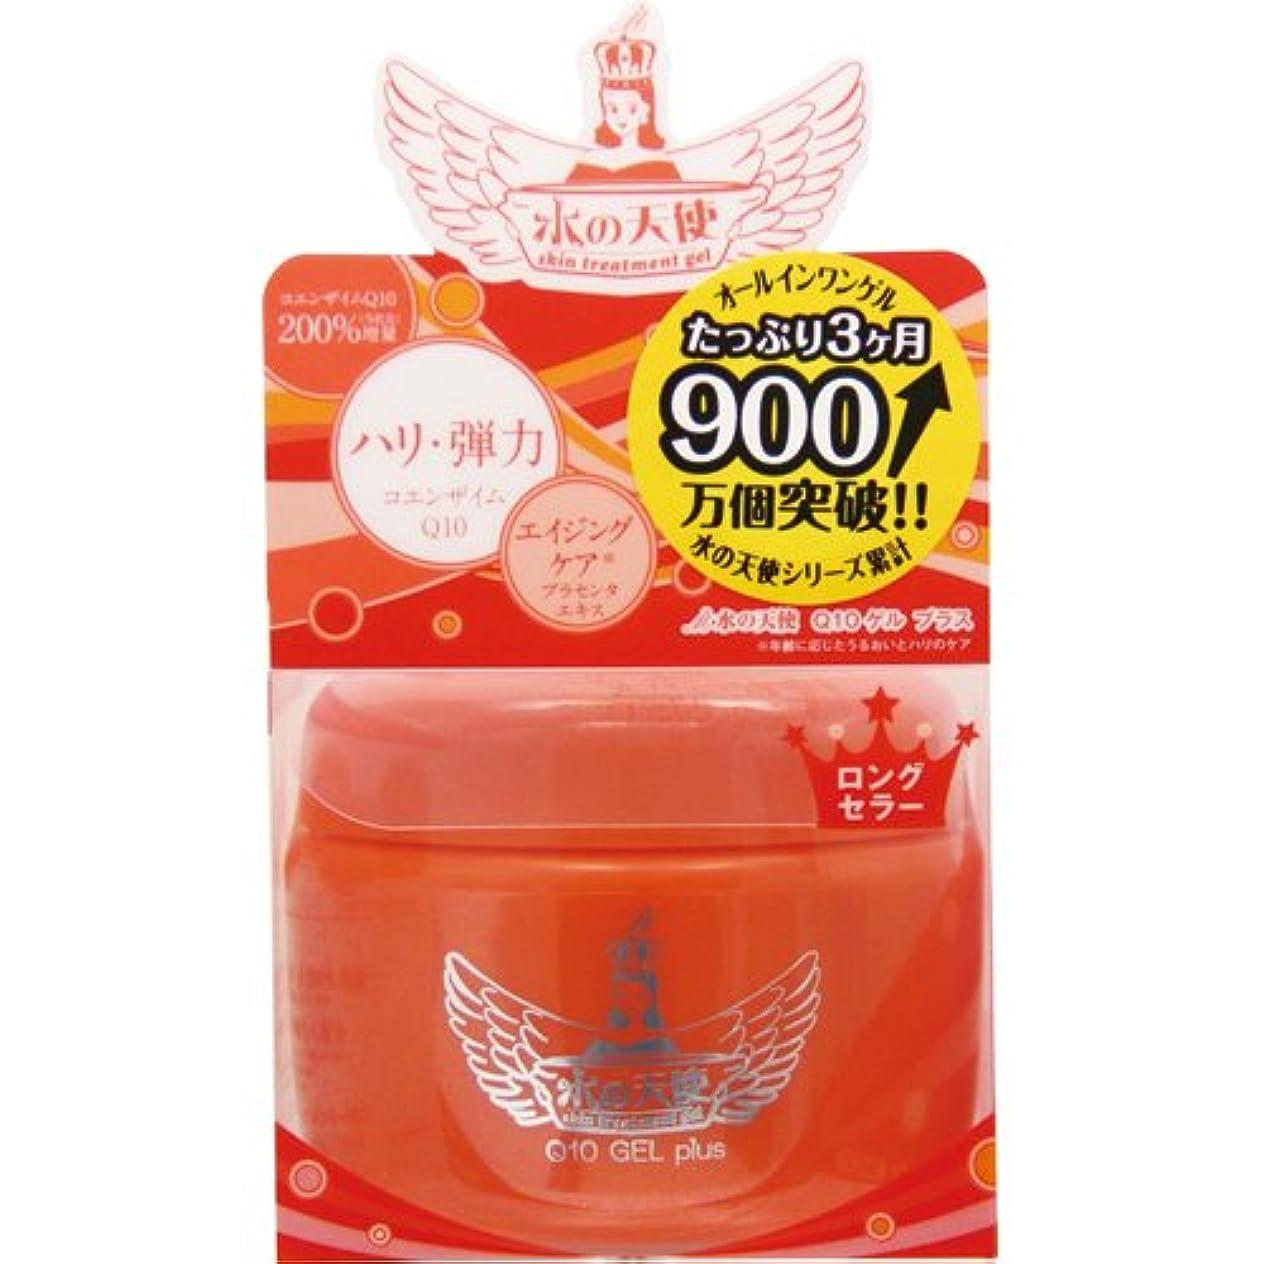 控えるクライマックス取り戻す水の天使 Q10ゲルプラス 150g